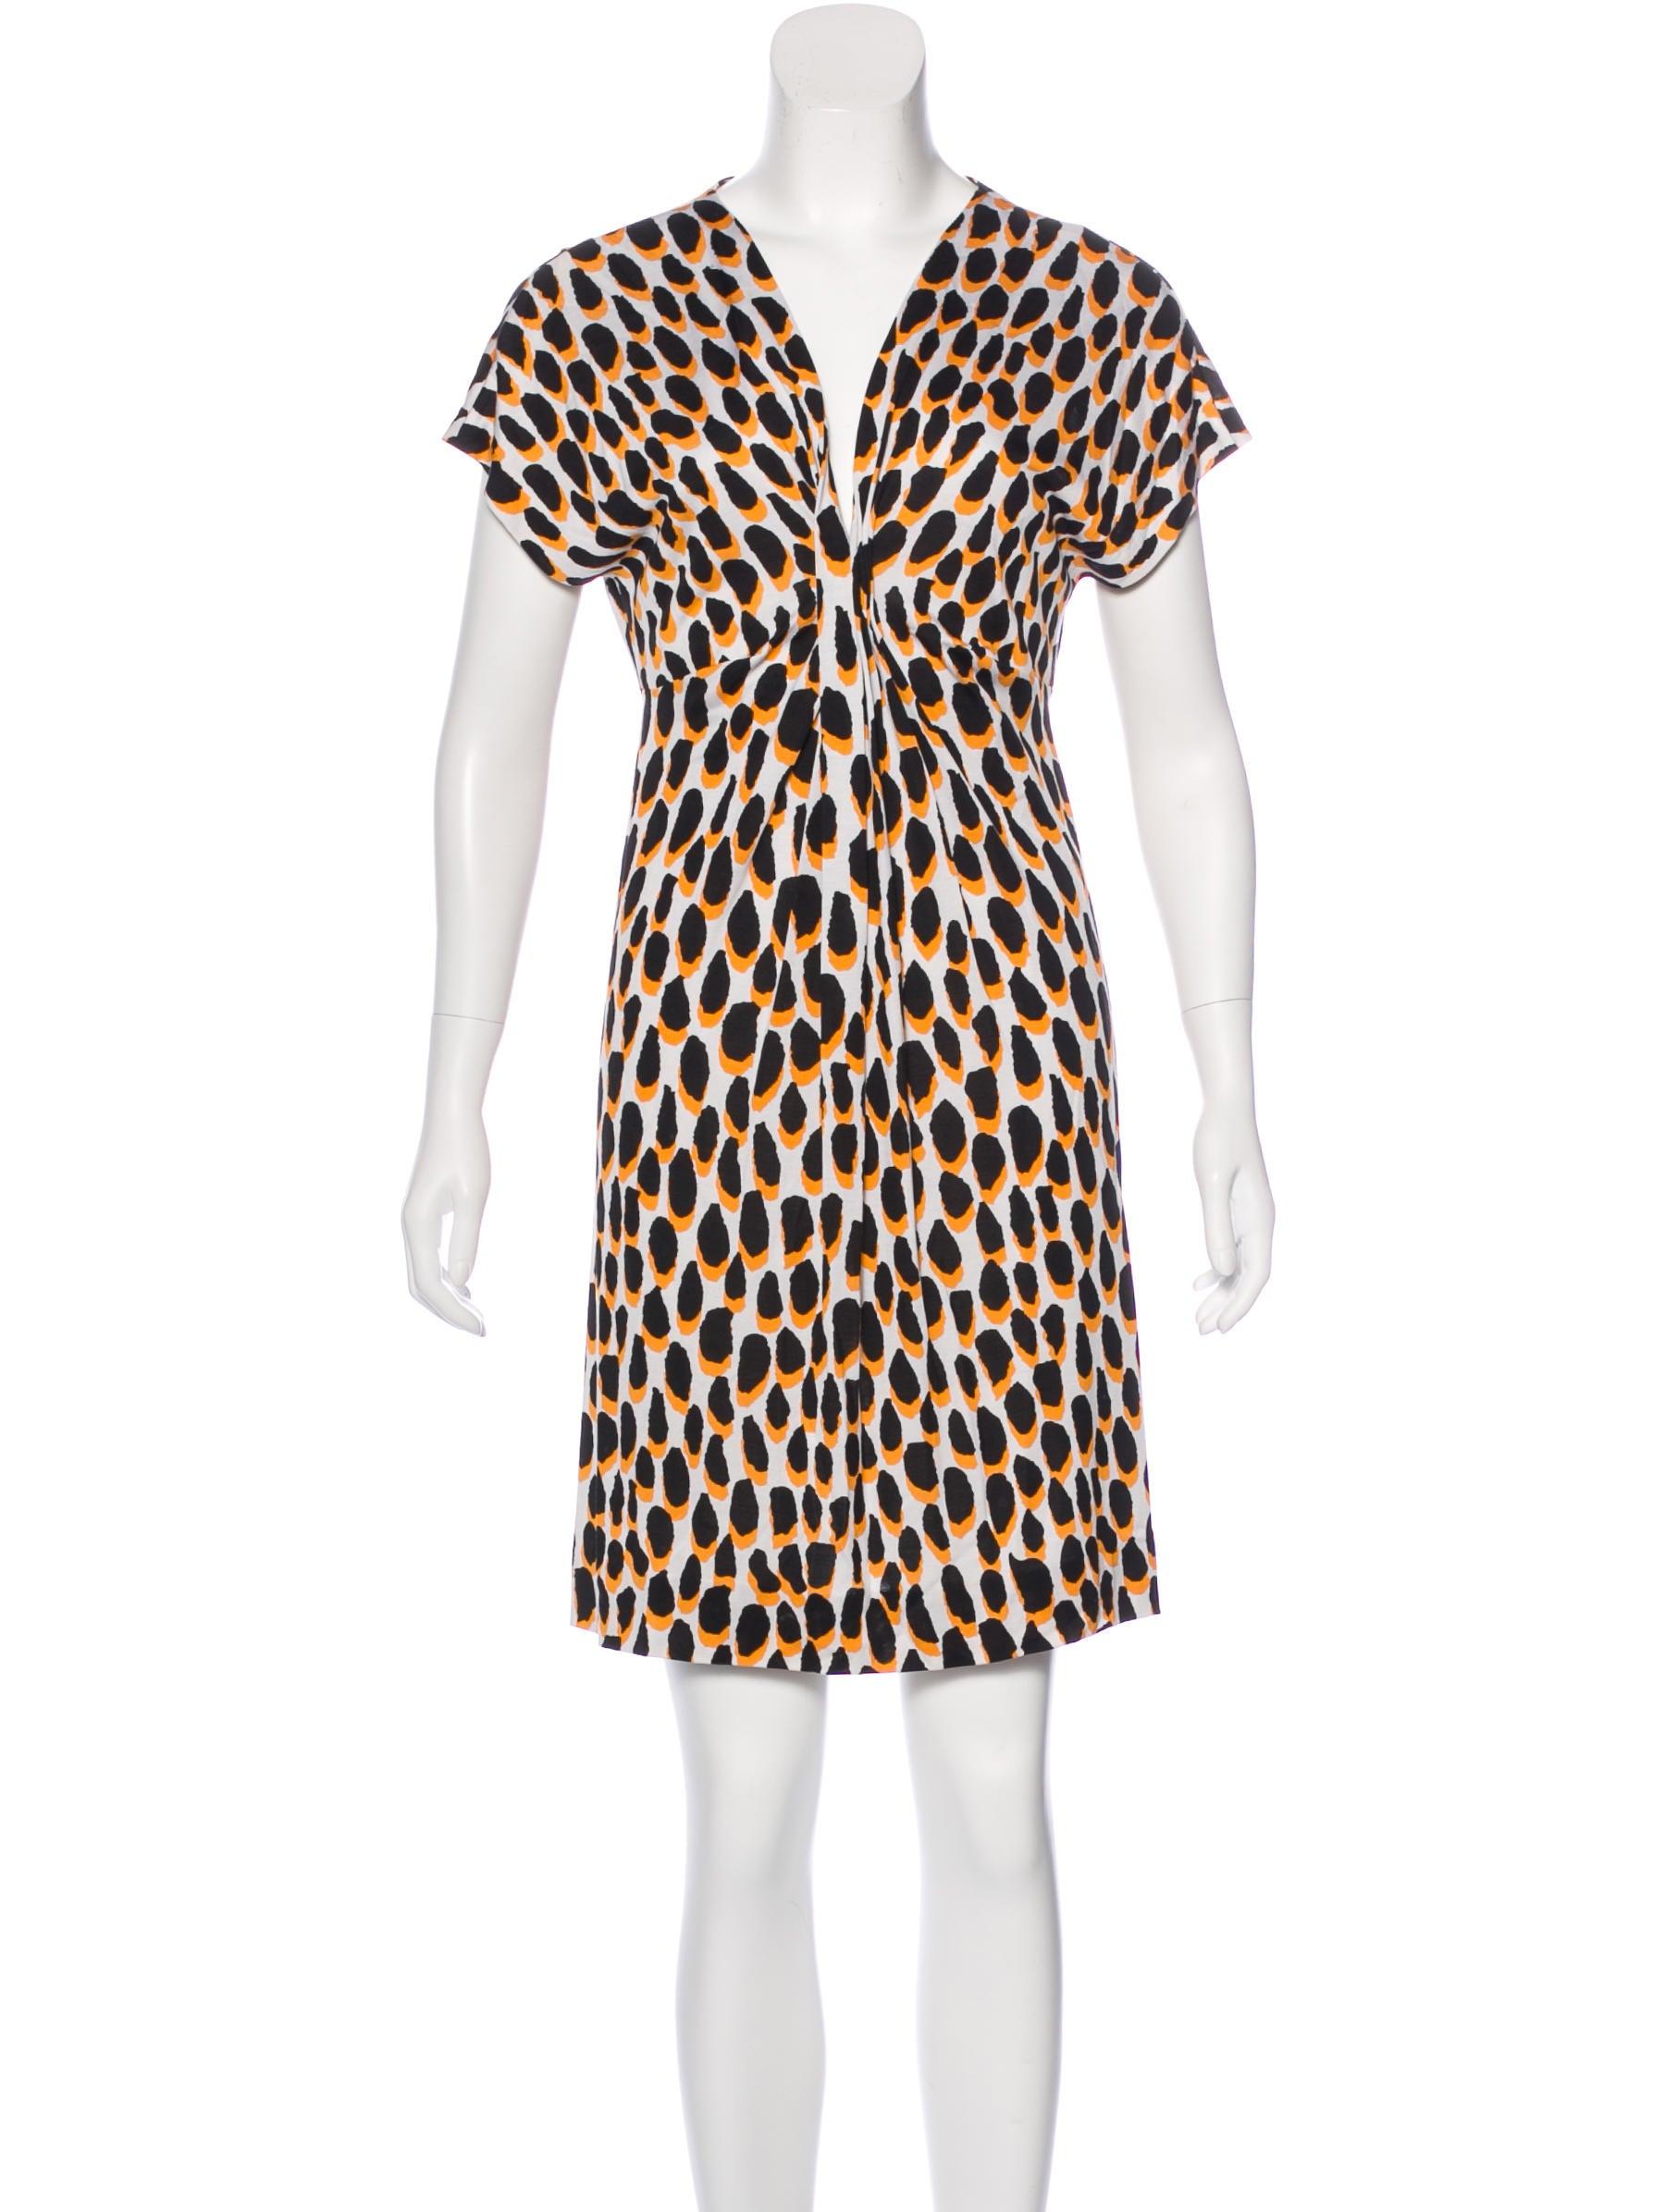 Diane von furstenberg natalie silk dress clothing for Diane von furstenberg shirt